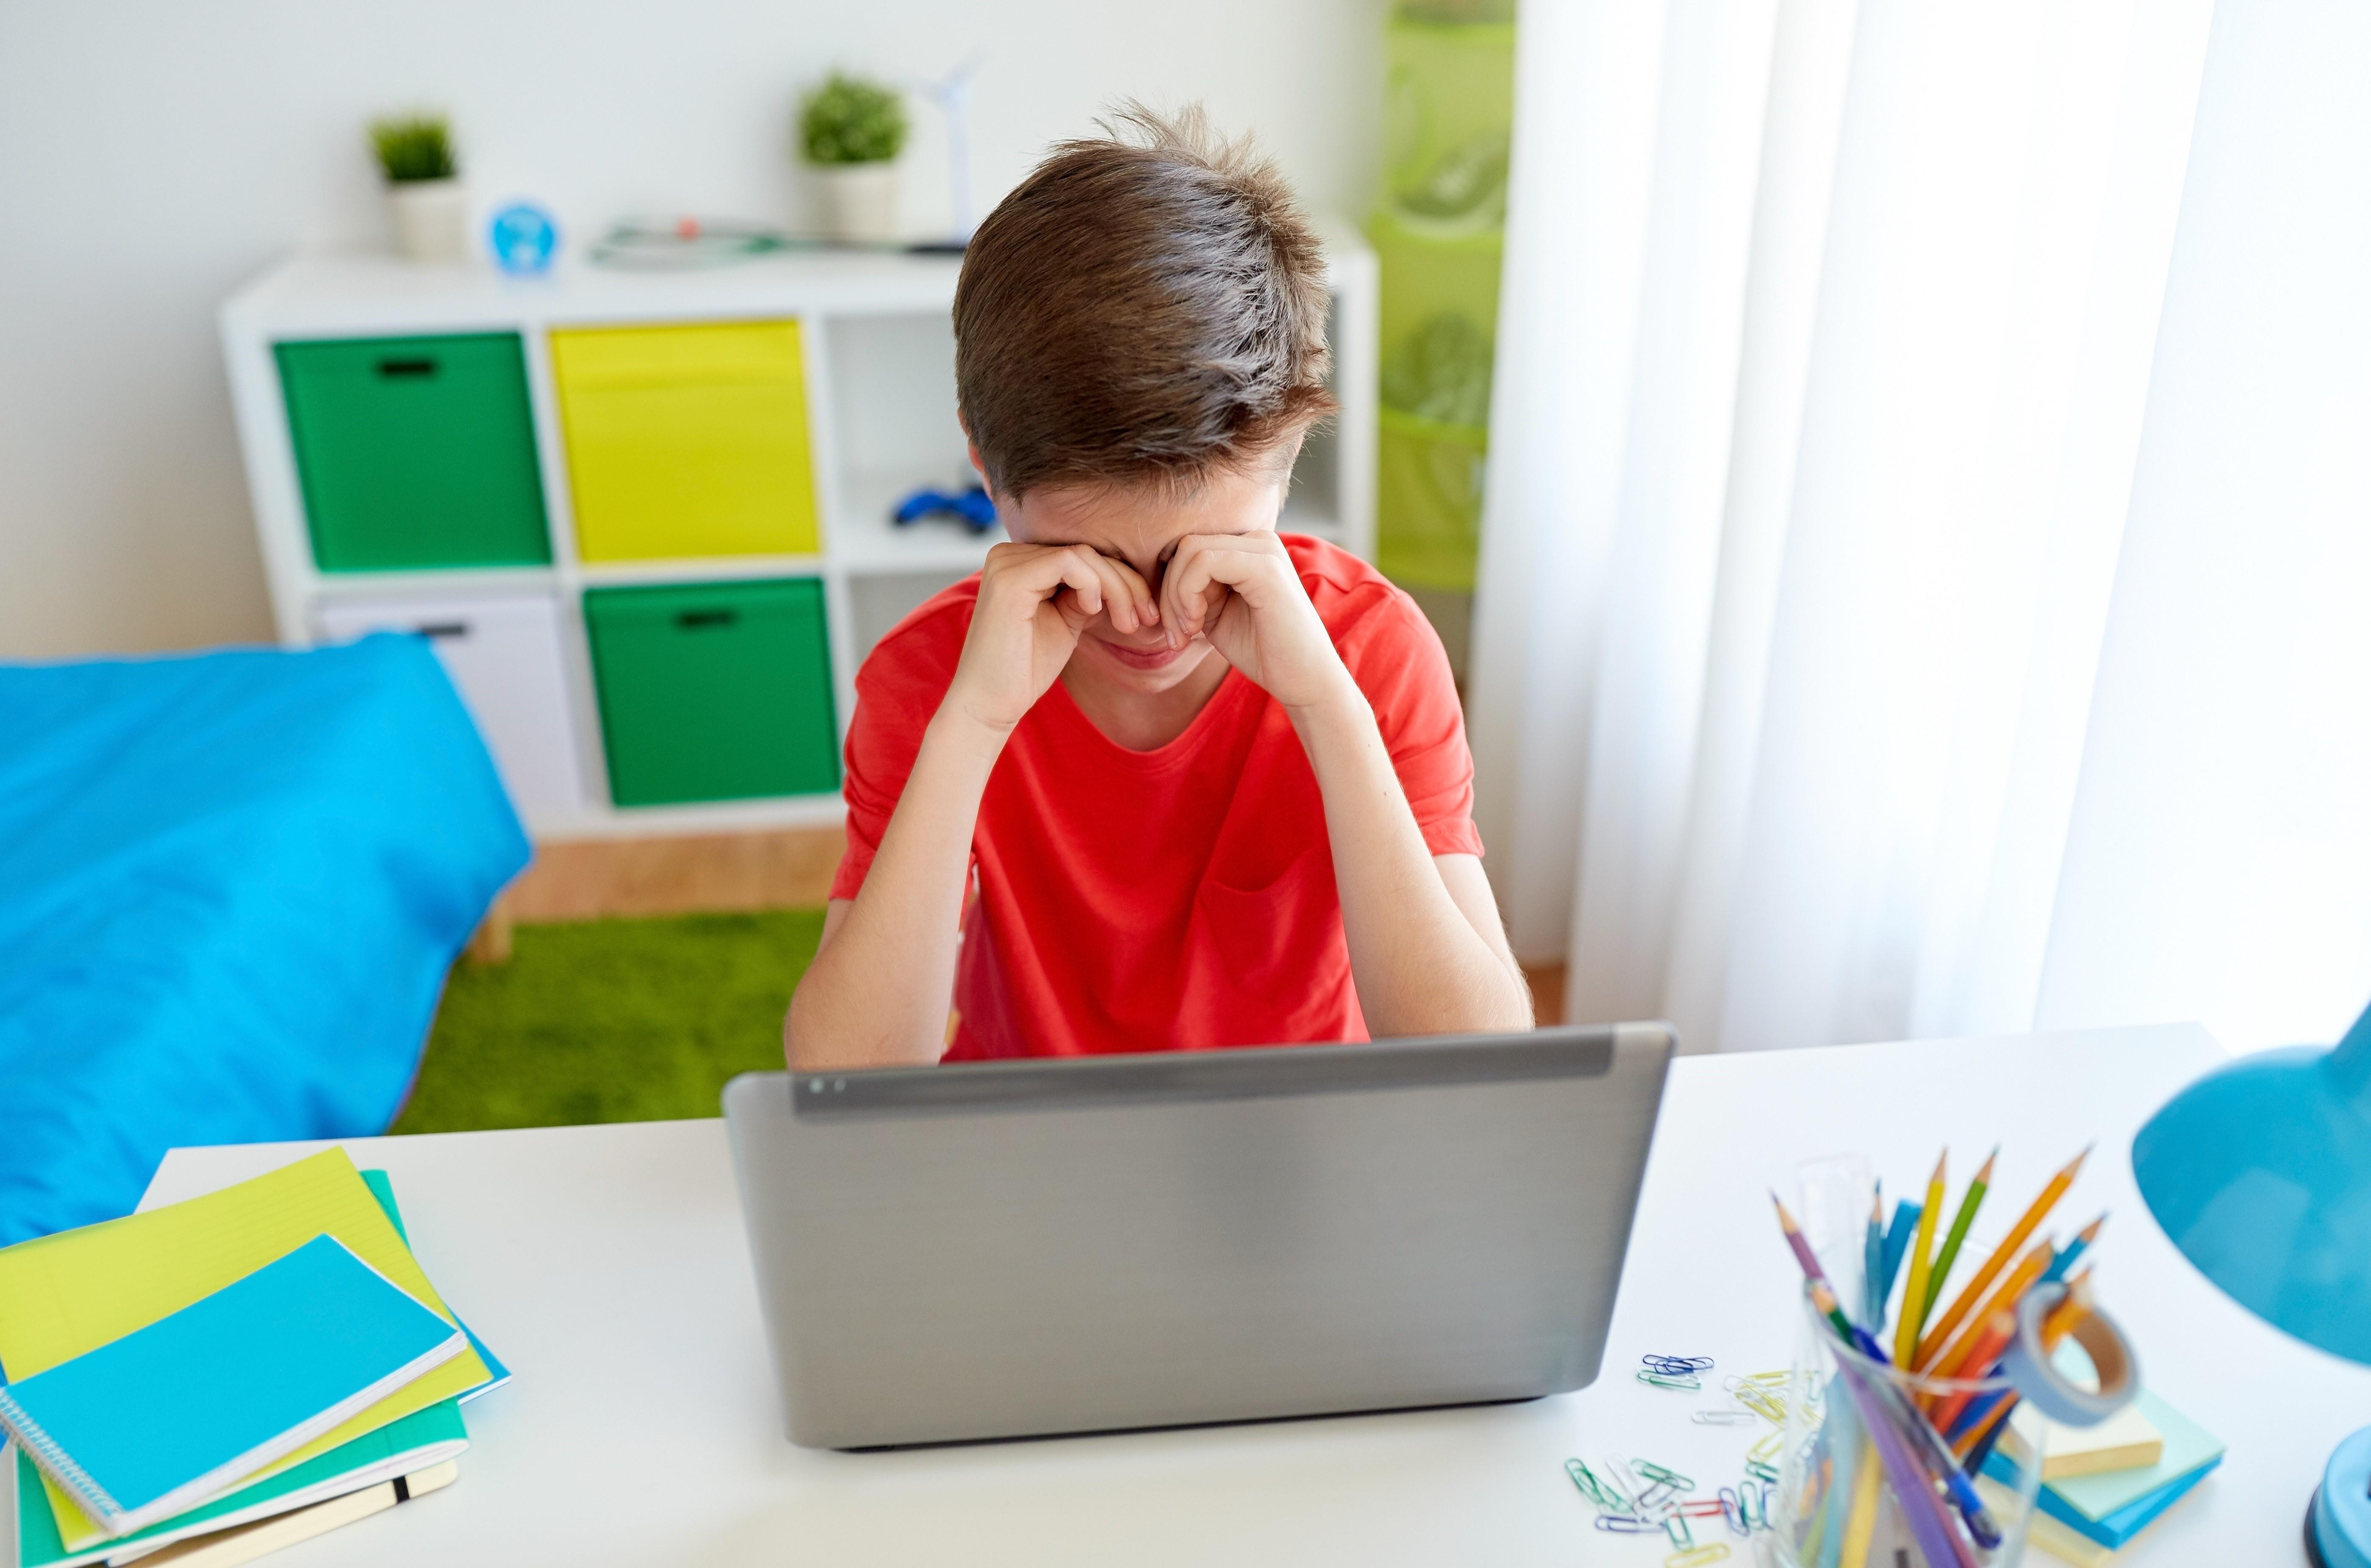 Если ваш ребенок все же стал жертвой кибербуллинга, важно вовремя это распознать. ESET.